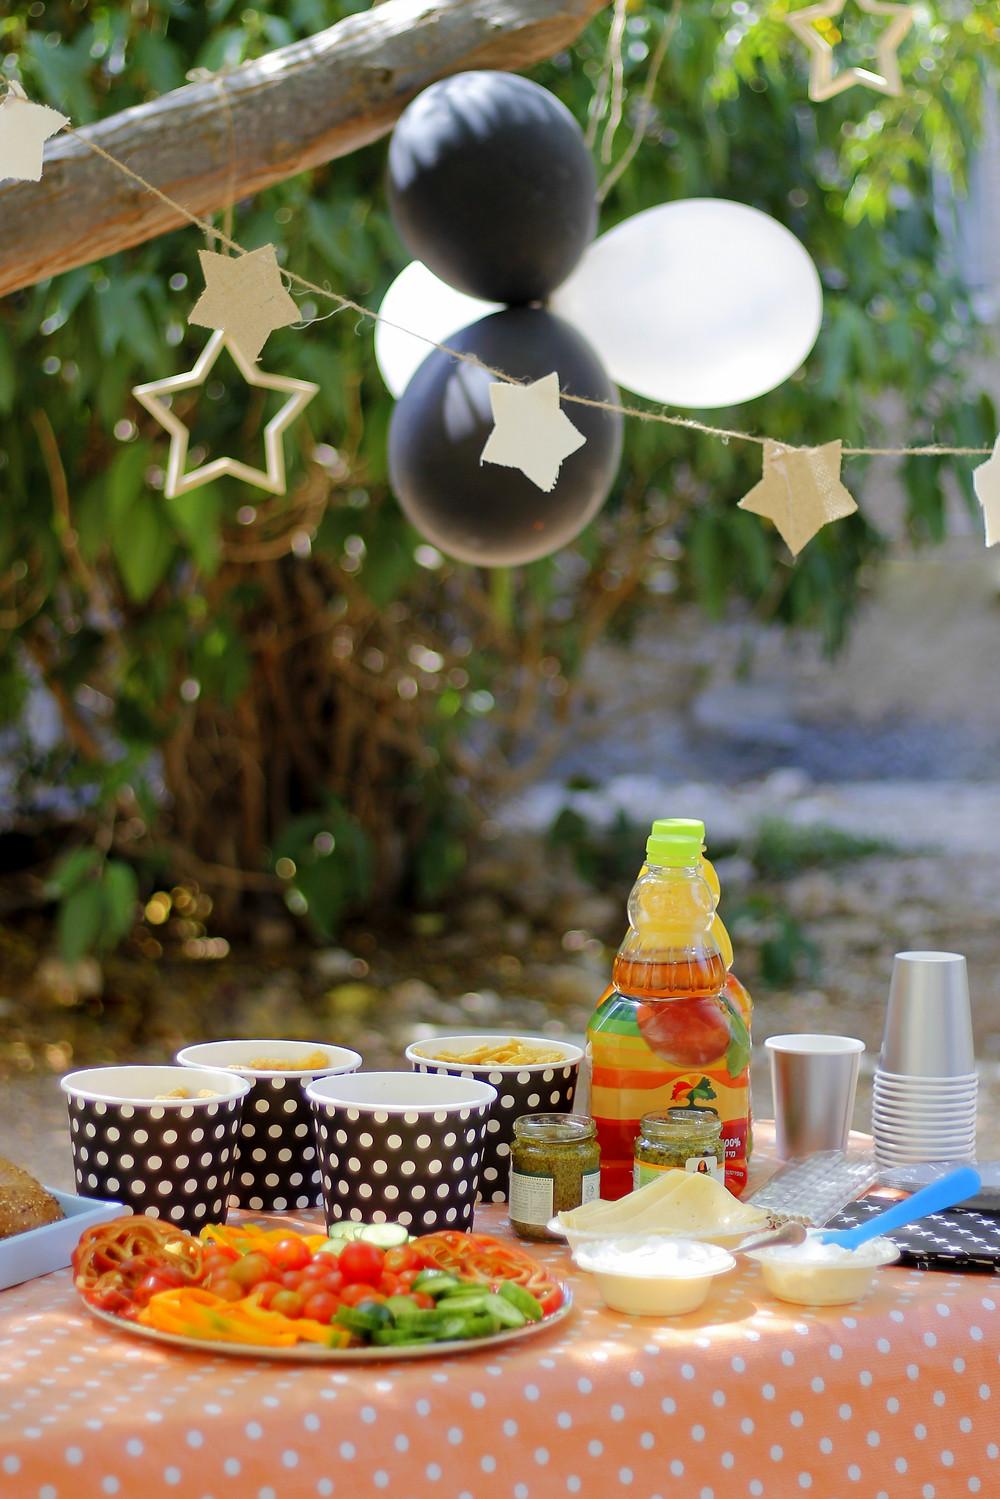 מסיבת יום הולדת חלל